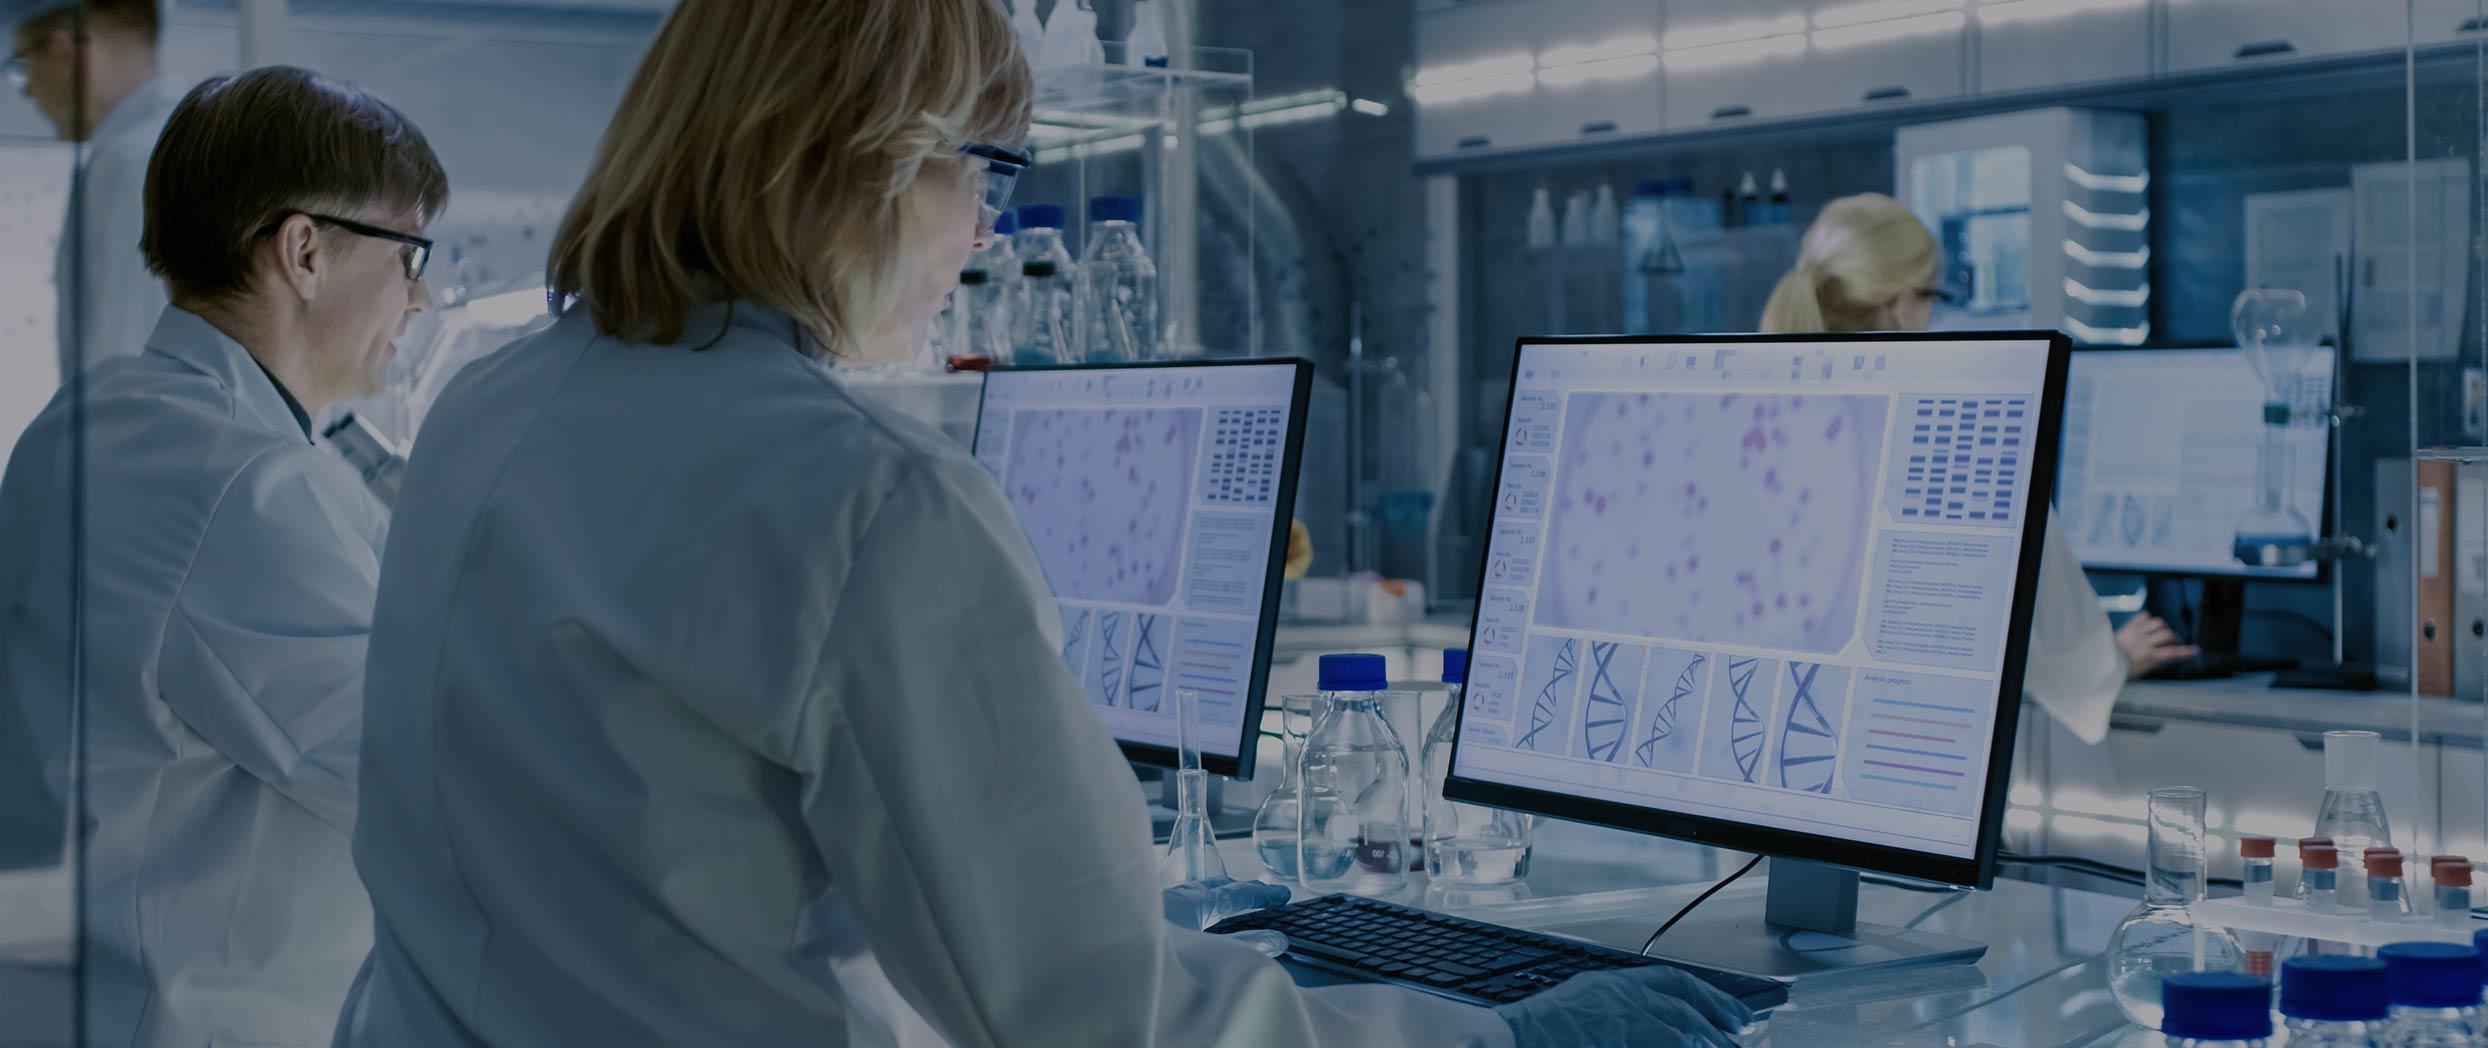 Cytomic ofrece soluciones gratuitas a empresas del sector sanitario